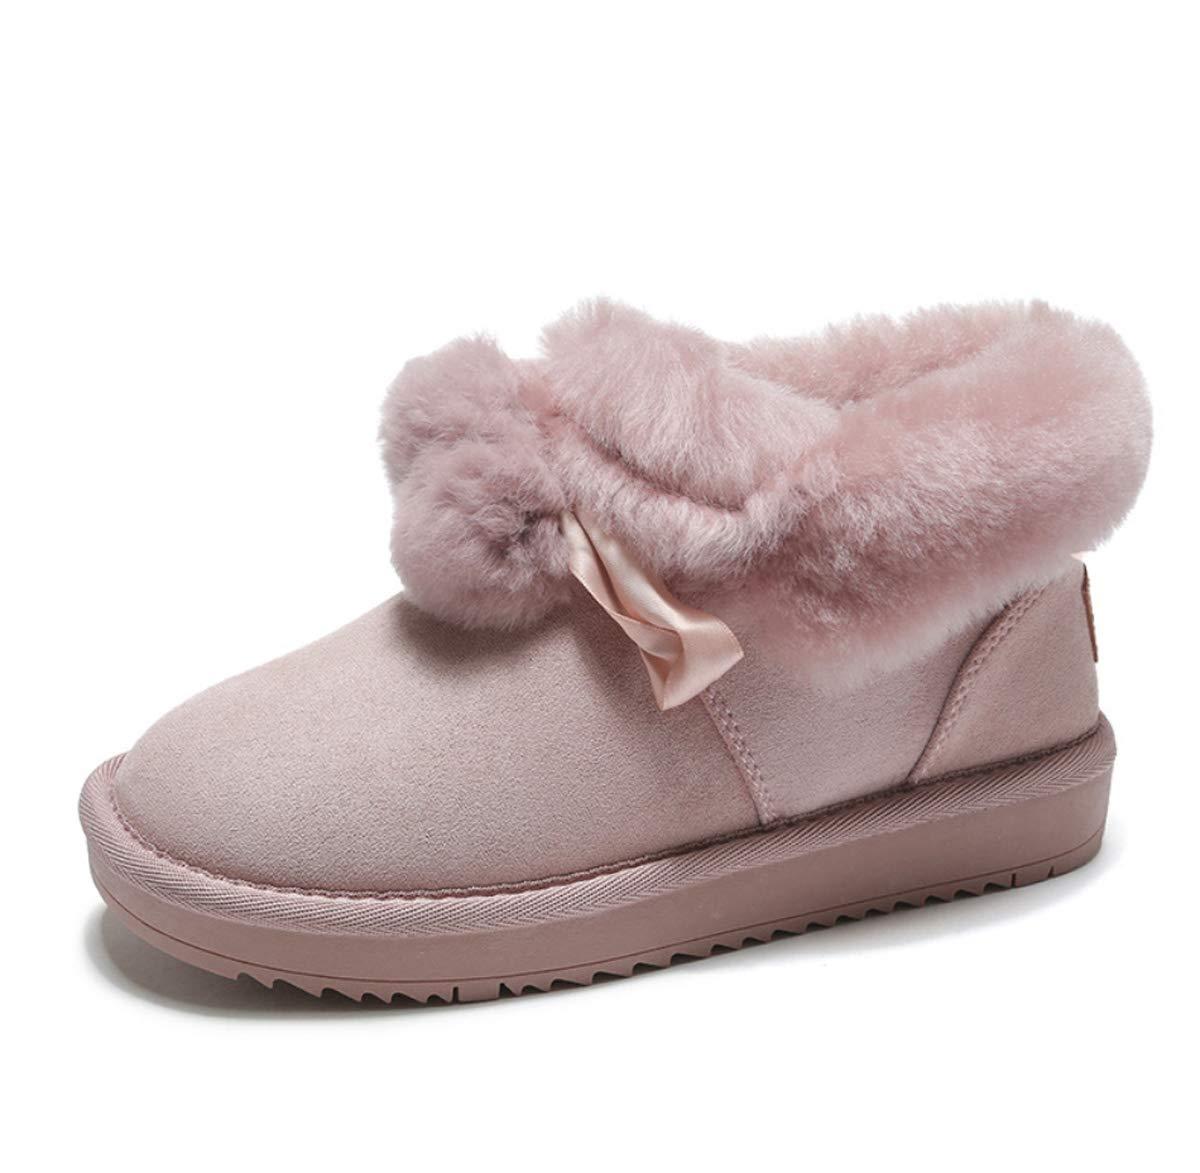 DANDANJIE Damenstiefel mit flachem Absatz Nette Pompom-Schnee-Stiefel Winter Warm halten Rutschfeste Stiefeletten